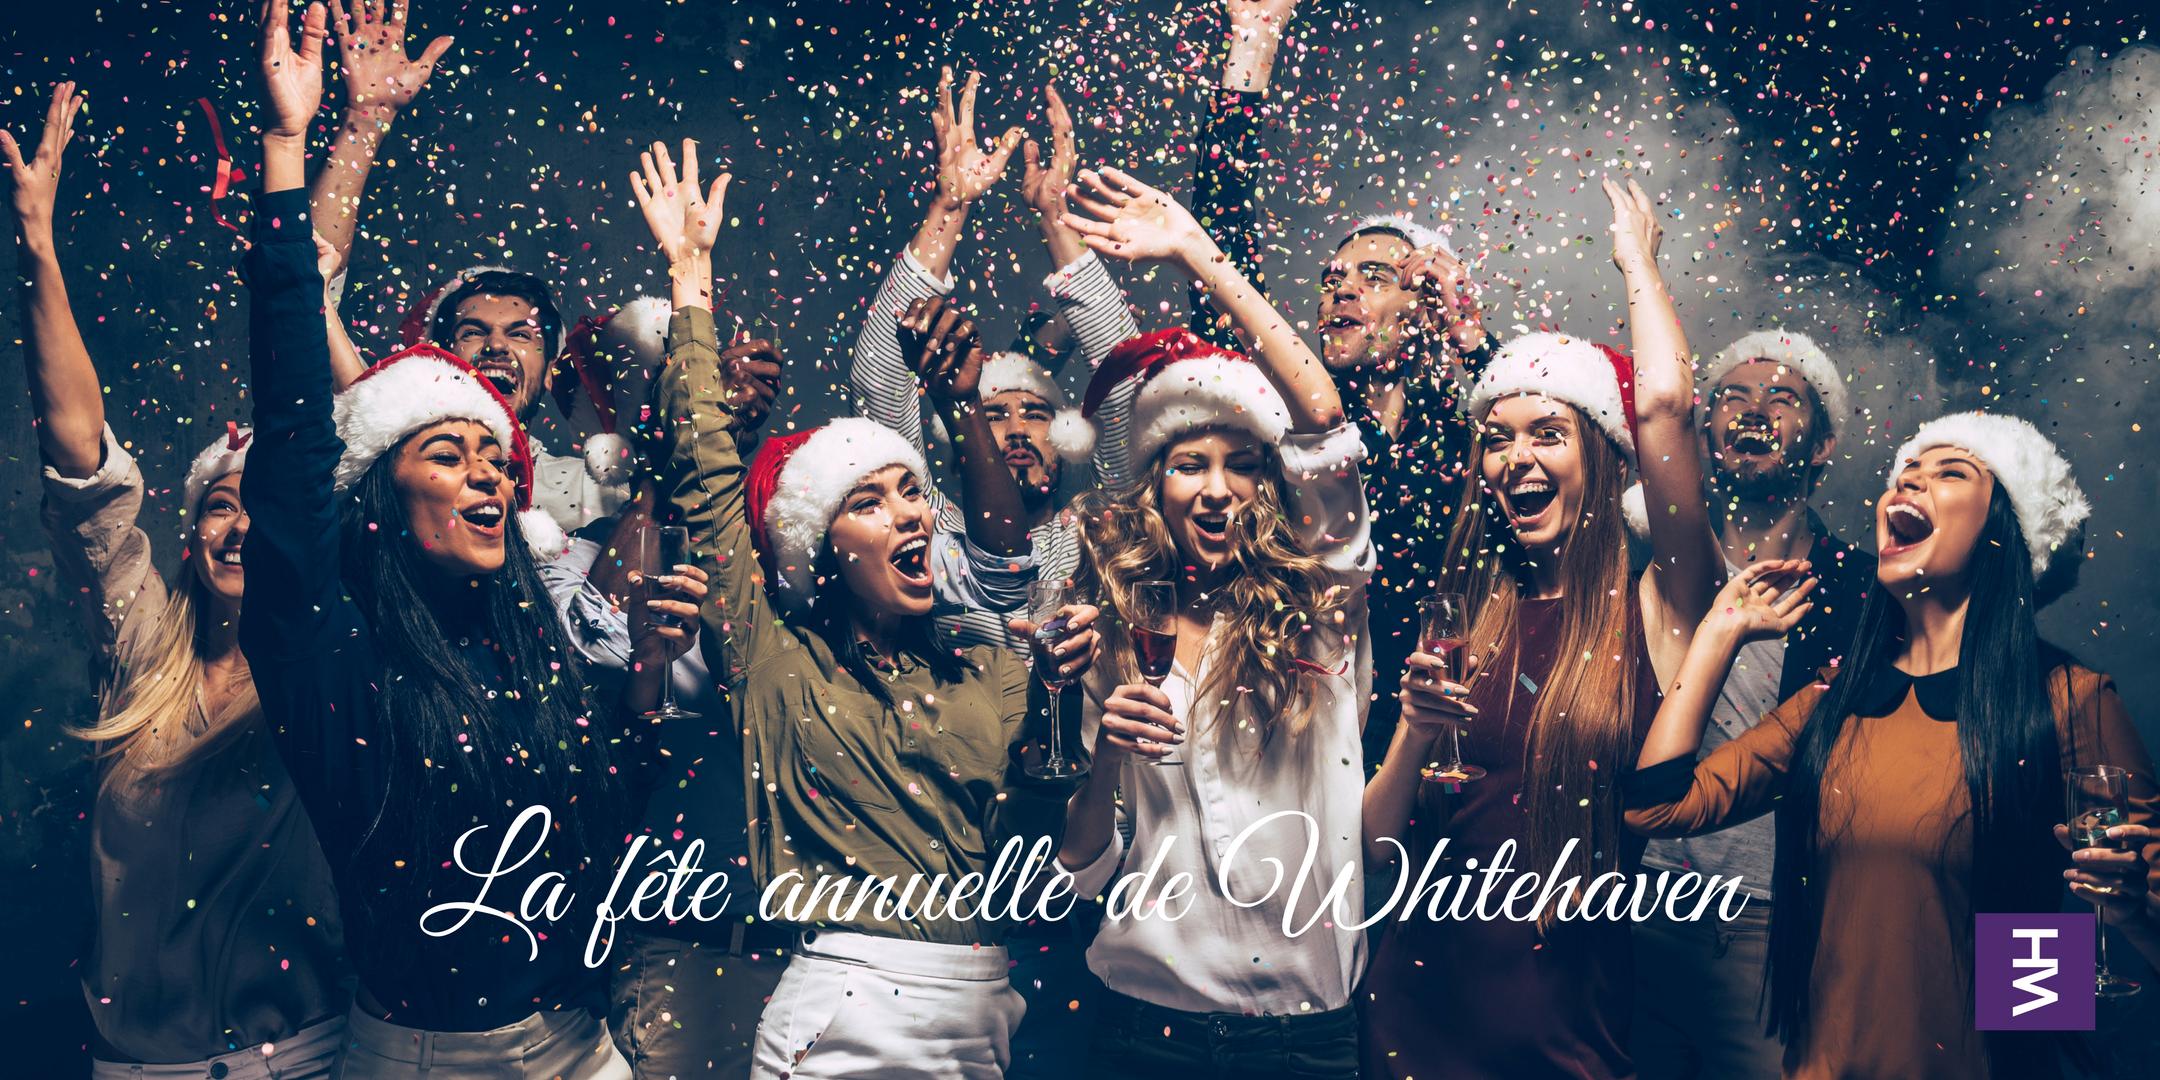 Fête Annuelle de WhiteHaven/ WhiteHaven's Annual Party